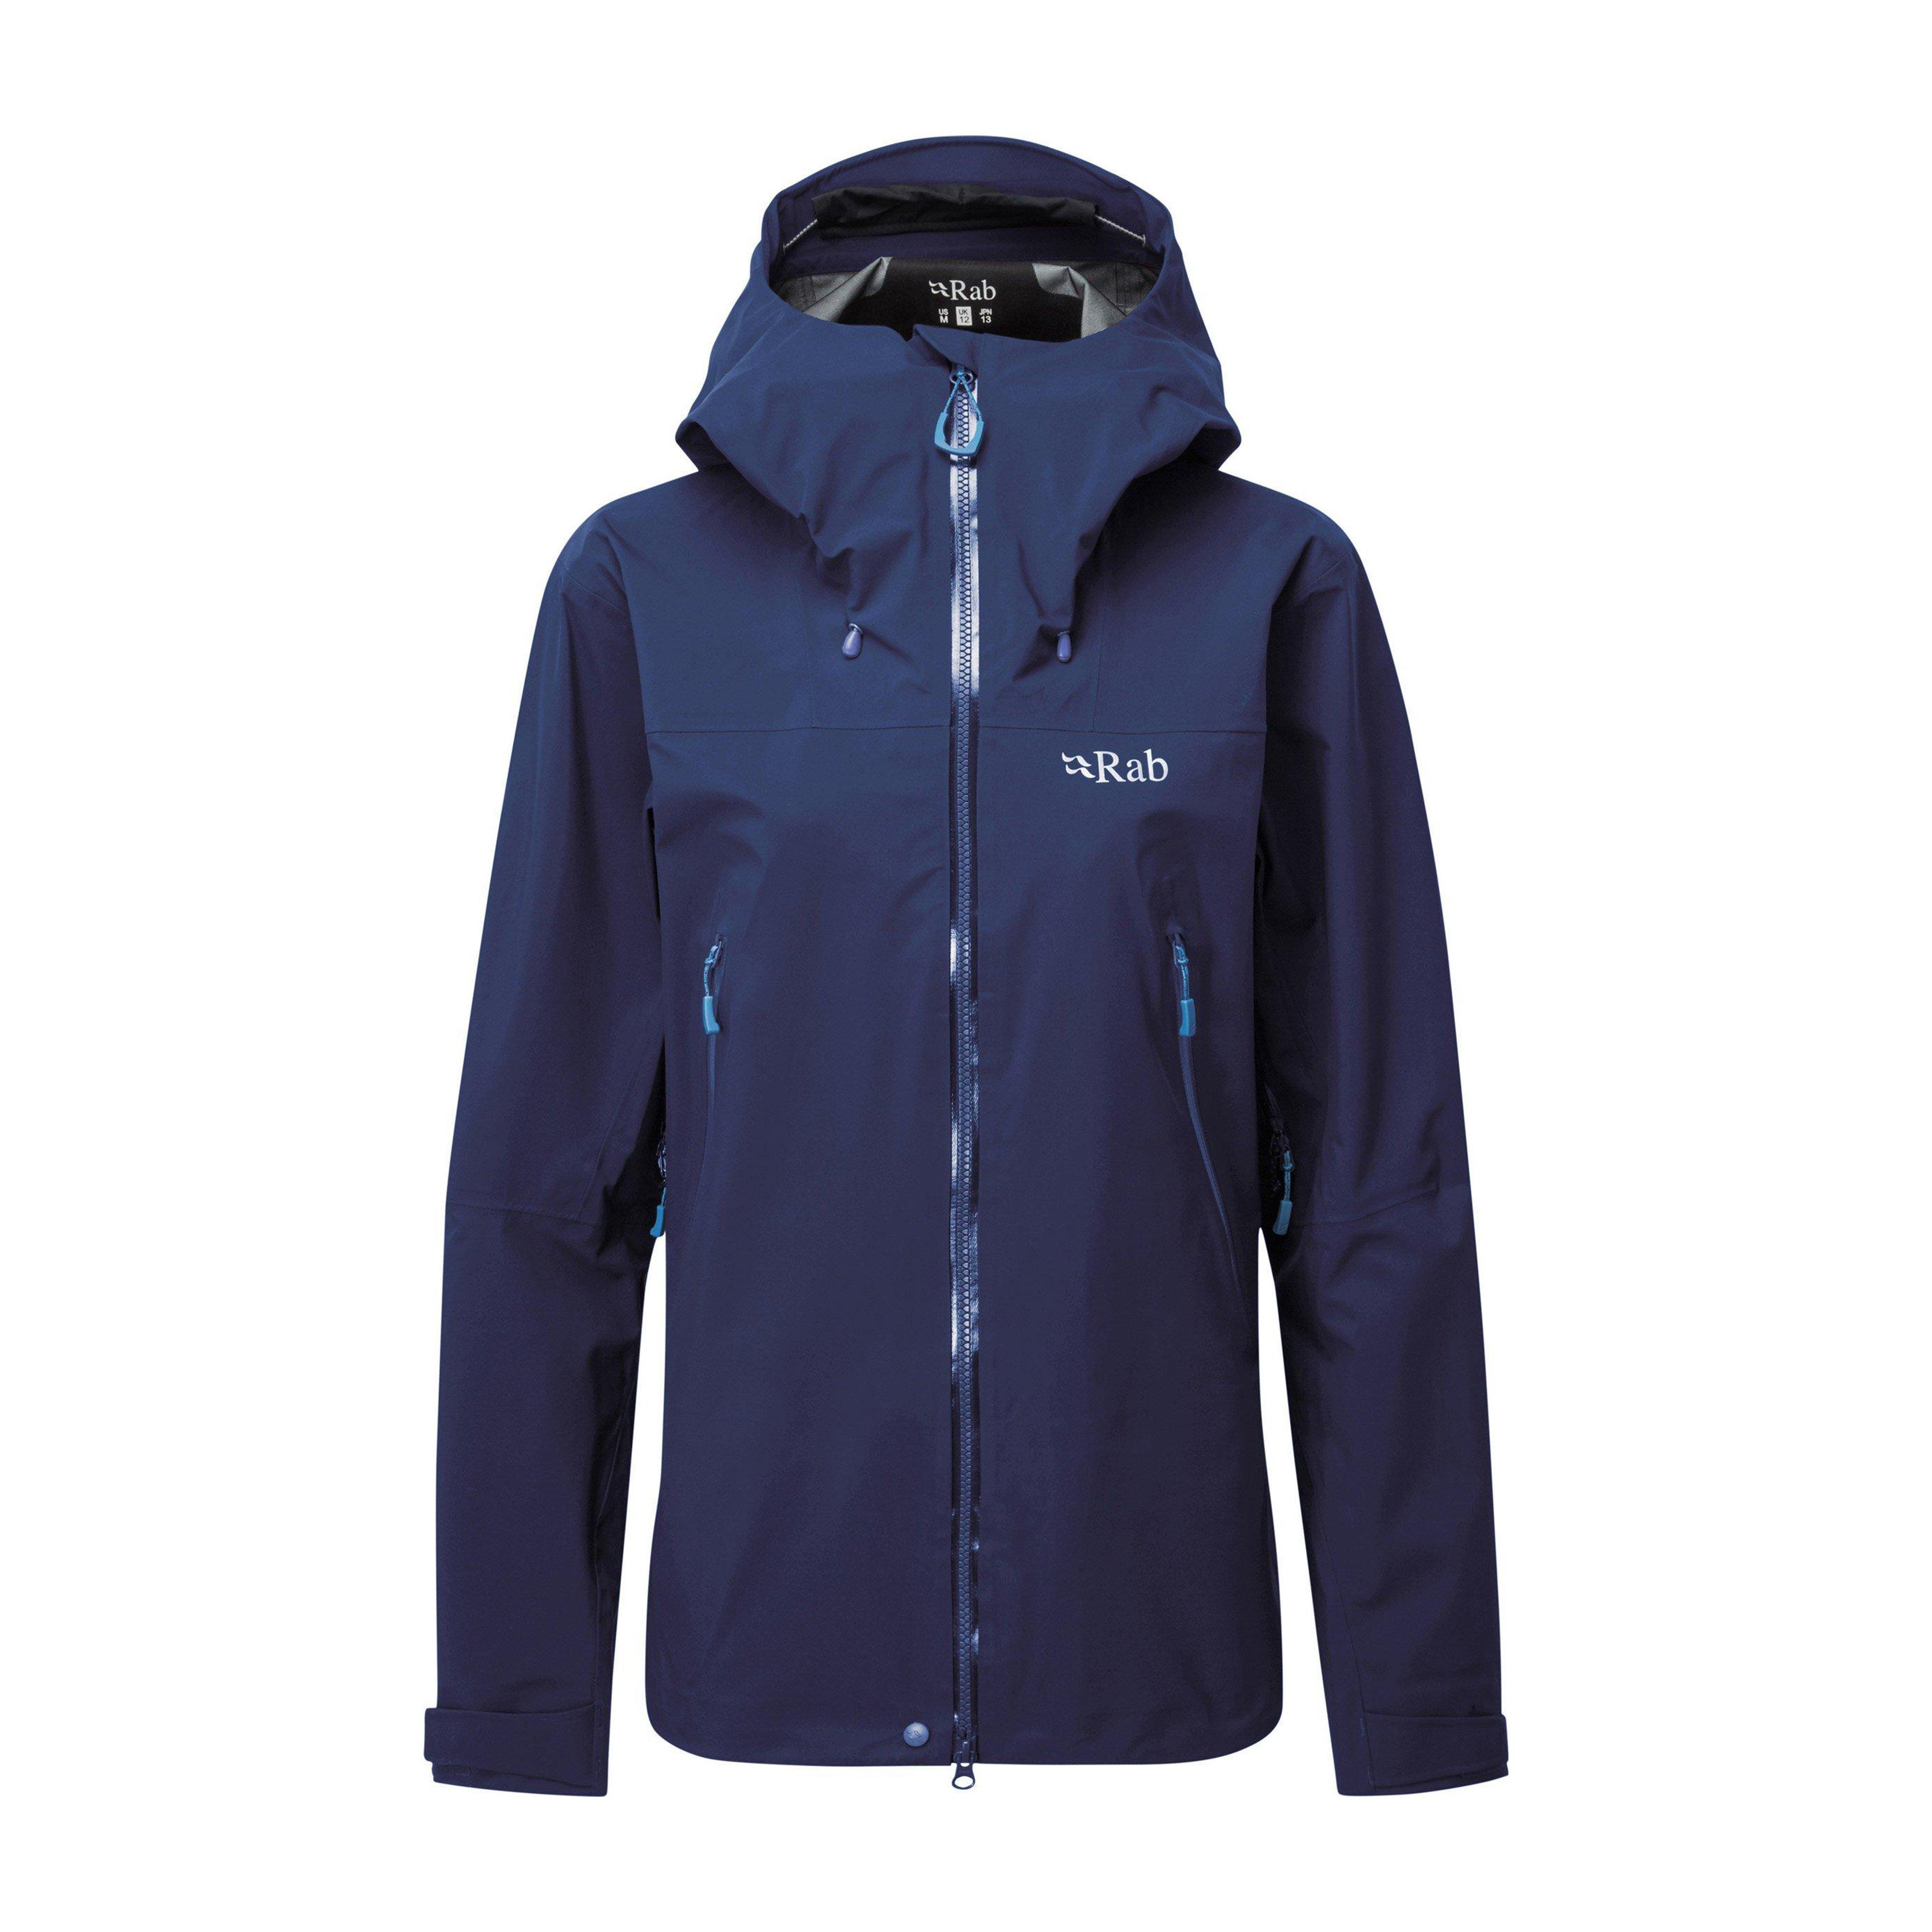 Rab Rab Womens Kangri GTX Waterproof Jacket - N/A, N/A